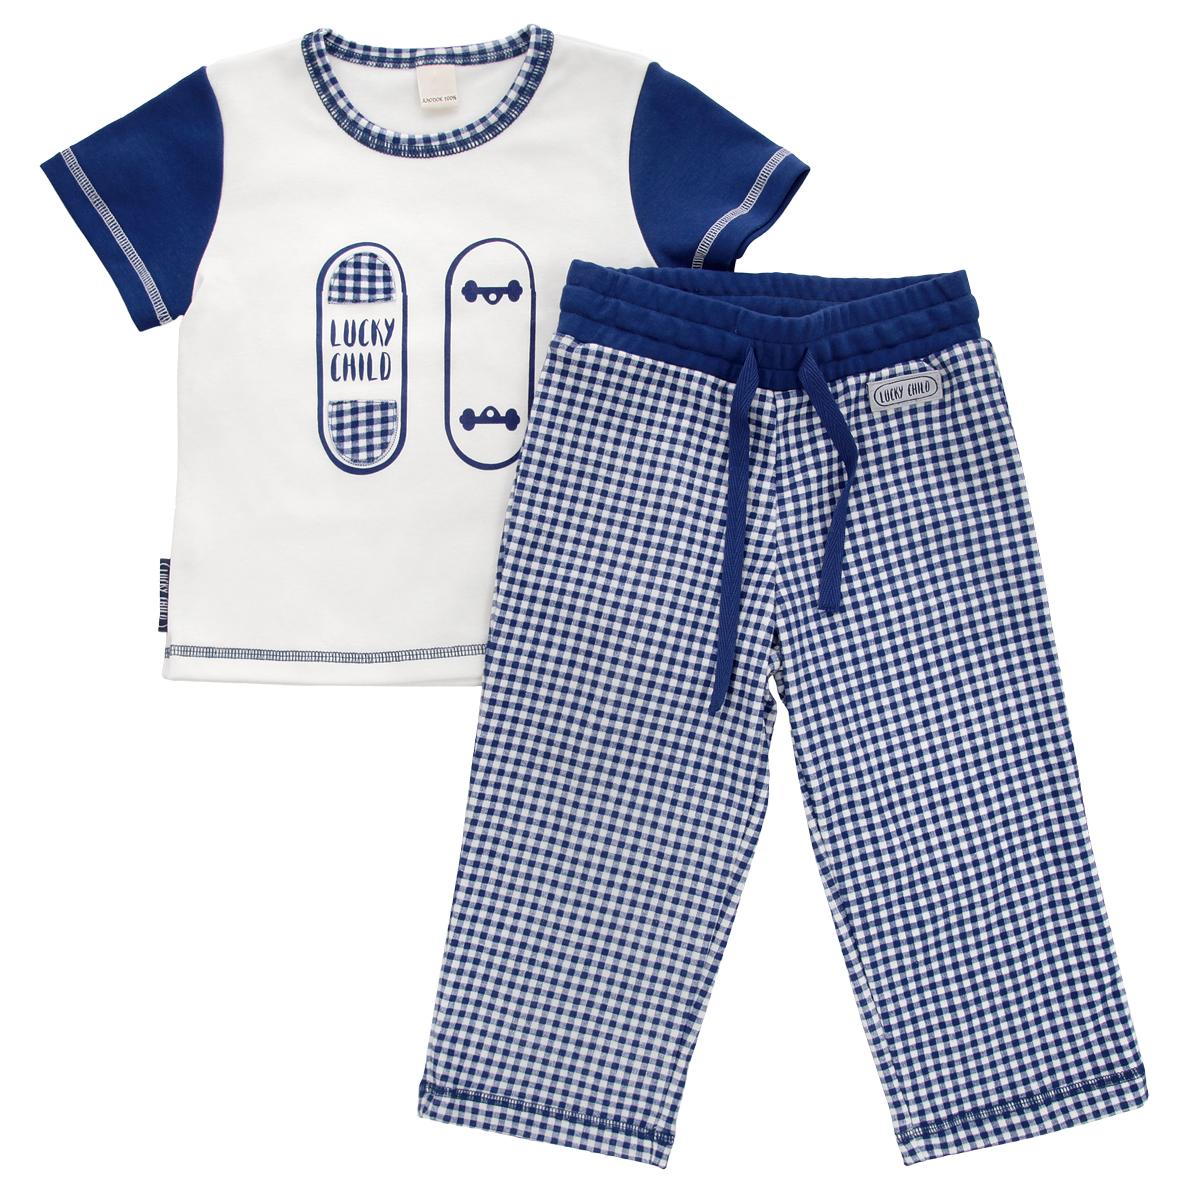 13-403Очаровательная пижама для мальчика Lucky Child, состоящая из футболки и брюк, идеально подойдет вашему маленькому мужчине и станет отличным дополнением к детскому гардеробу. Изготовленная из натурального хлопка - интерлока, она необычайно мягкая и приятная на ощупь, не раздражает нежную кожу ребенка и хорошо вентилируется, а эластичные швы приятны телу и не препятствуют его движениям. Футболка с короткими рукавами и круглым вырезом горловины оформлена спереди оригинальной аппликацией и принтом с изображением скейтборда. Горловина оформлена принтом в клетку. Низ рукавов и низ изделия оформлены контрастной фигурной прострочкой. Брюки на талии имеют широкий эластичный пояс со шнурком, благодаря чему они не сдавливают животик ребенка и не сползают. Оформлены брюки принтом в клетку и небольшой нашивкой с названием бренда. Такая пижама идеально подойдет вашему ребенку, а мягкие полотна позволят ему комфортно чувствовать себя во время сна!